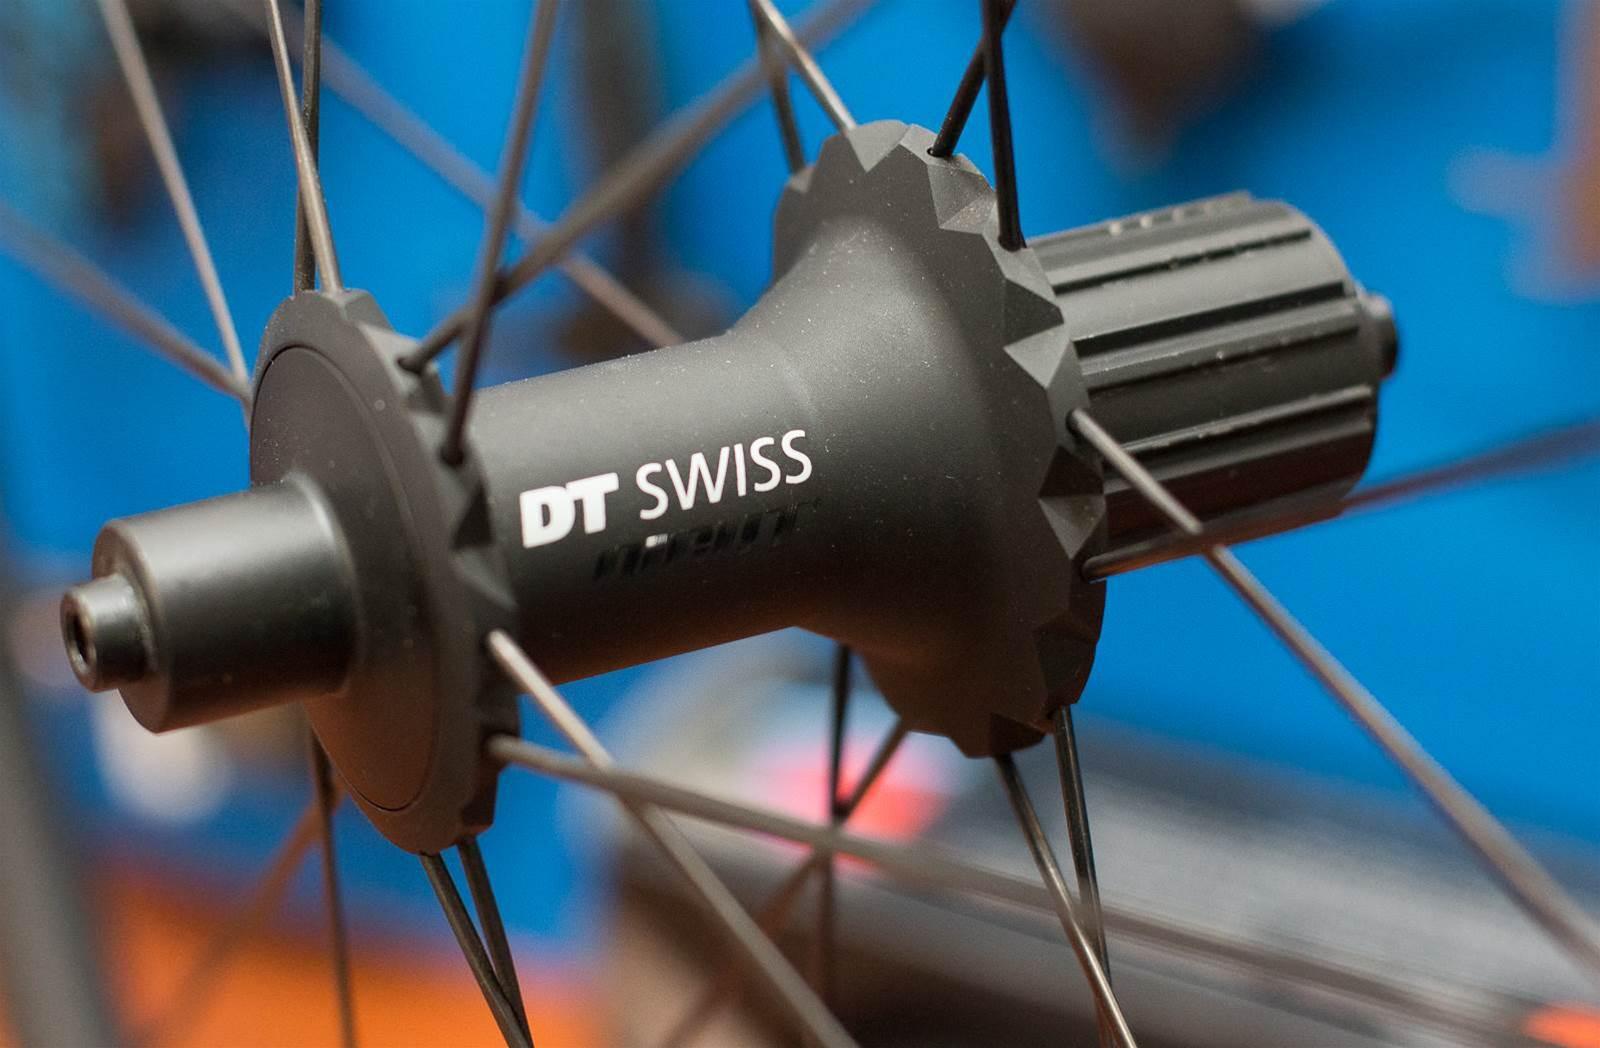 First Look: Dt Swiss PR 1400 DICUT OXIC 21